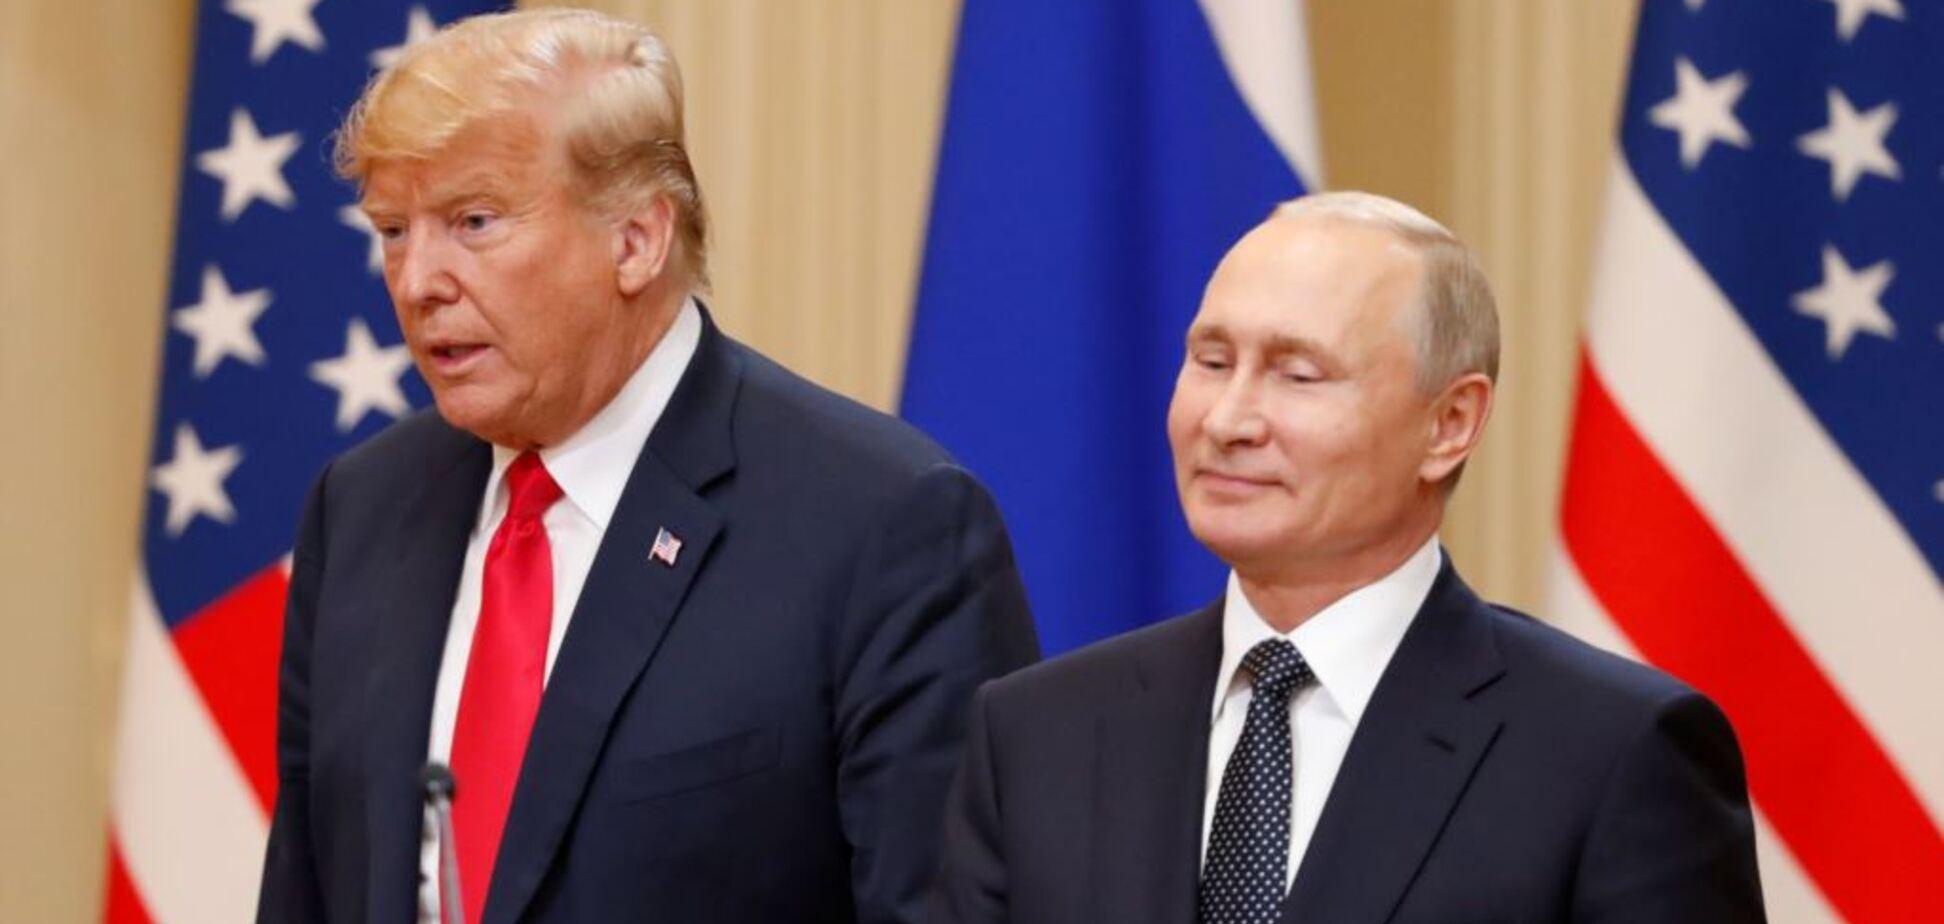 Тет-а-тет у Гельсінкі: для кого зустріч Трамп-Путін стала переможною